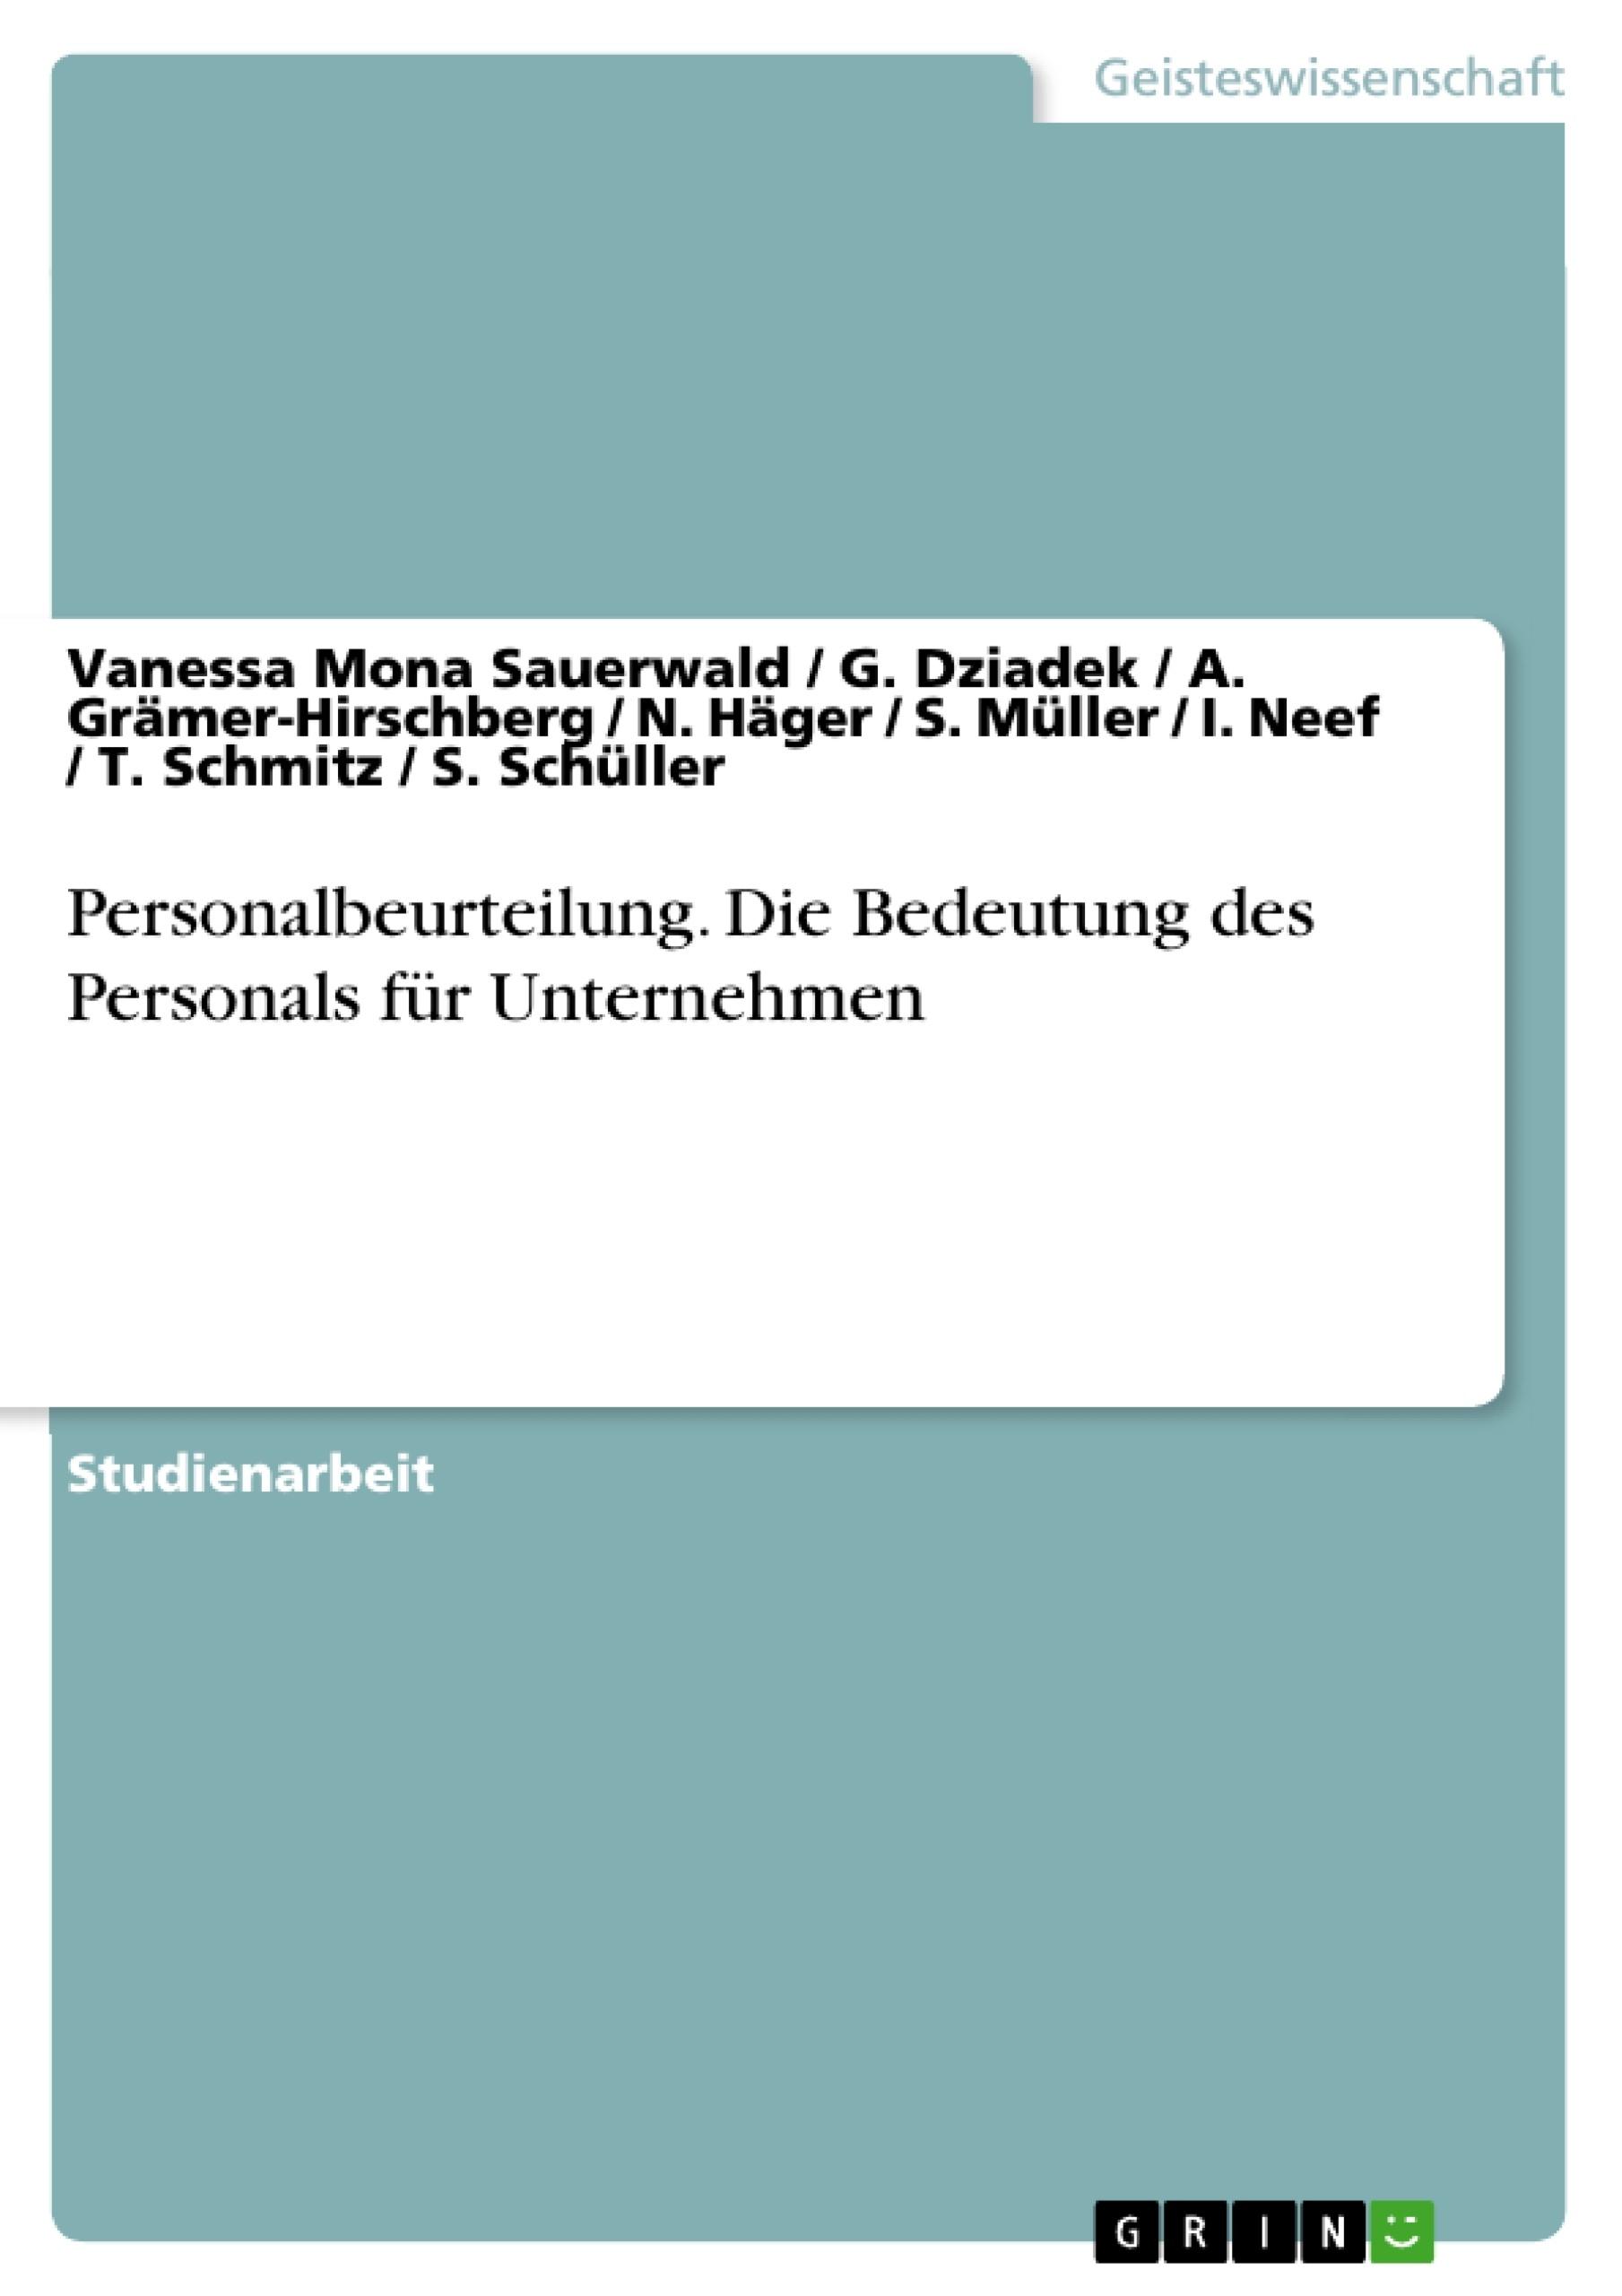 Titel: Personalbeurteilung. Die Bedeutung des Personals für Unternehmen